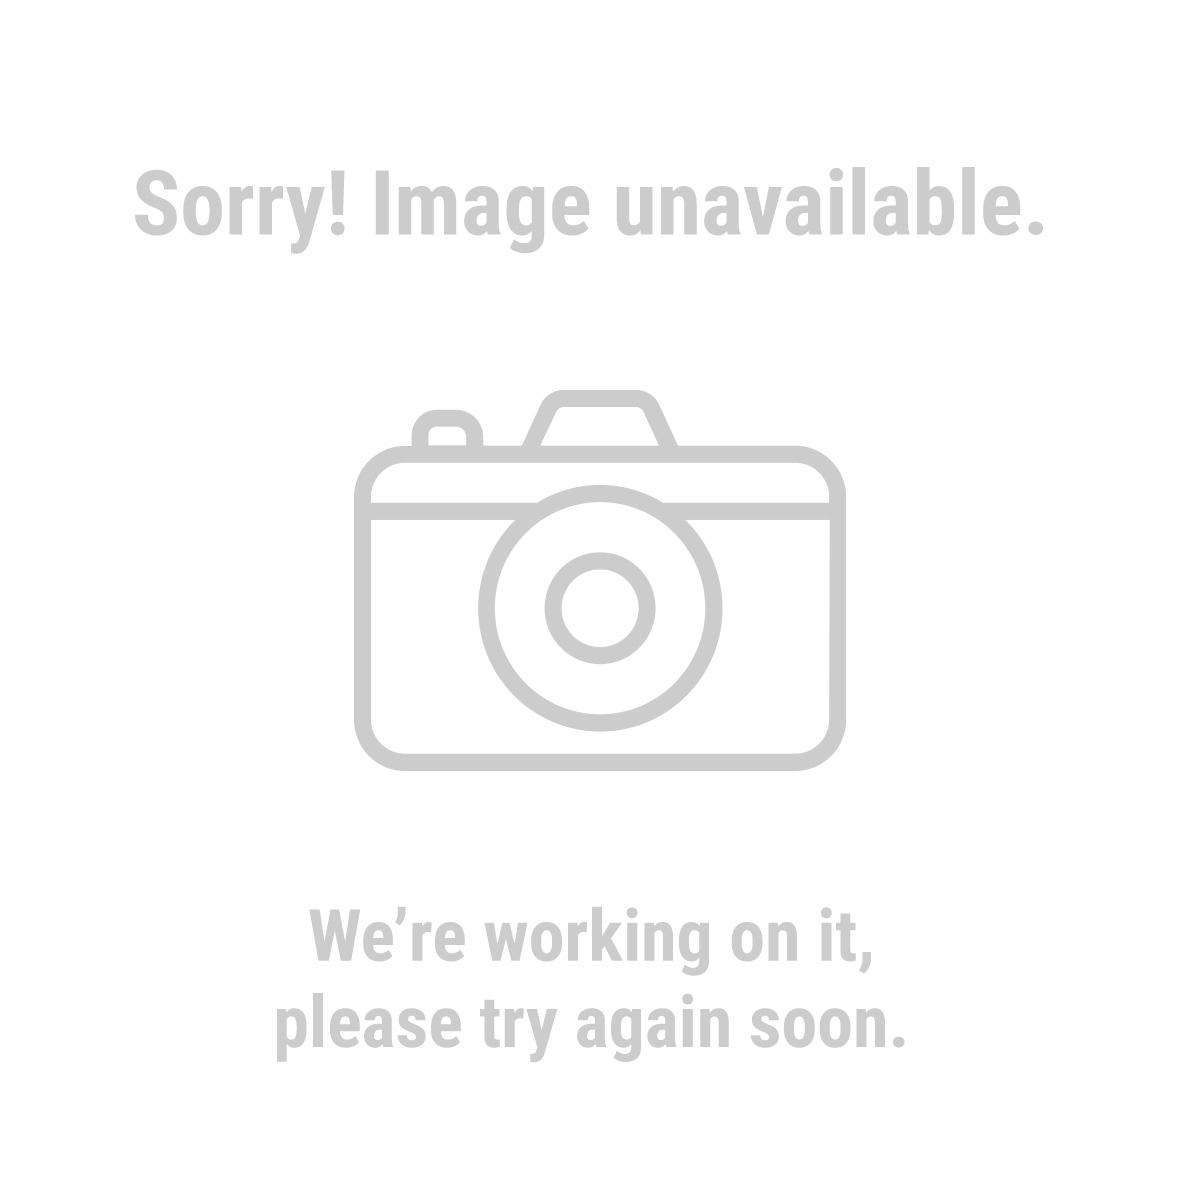 Predator Generators 63078 13500 Peak/11000 Running Watts, 22 HP (670cc) Gas Generator